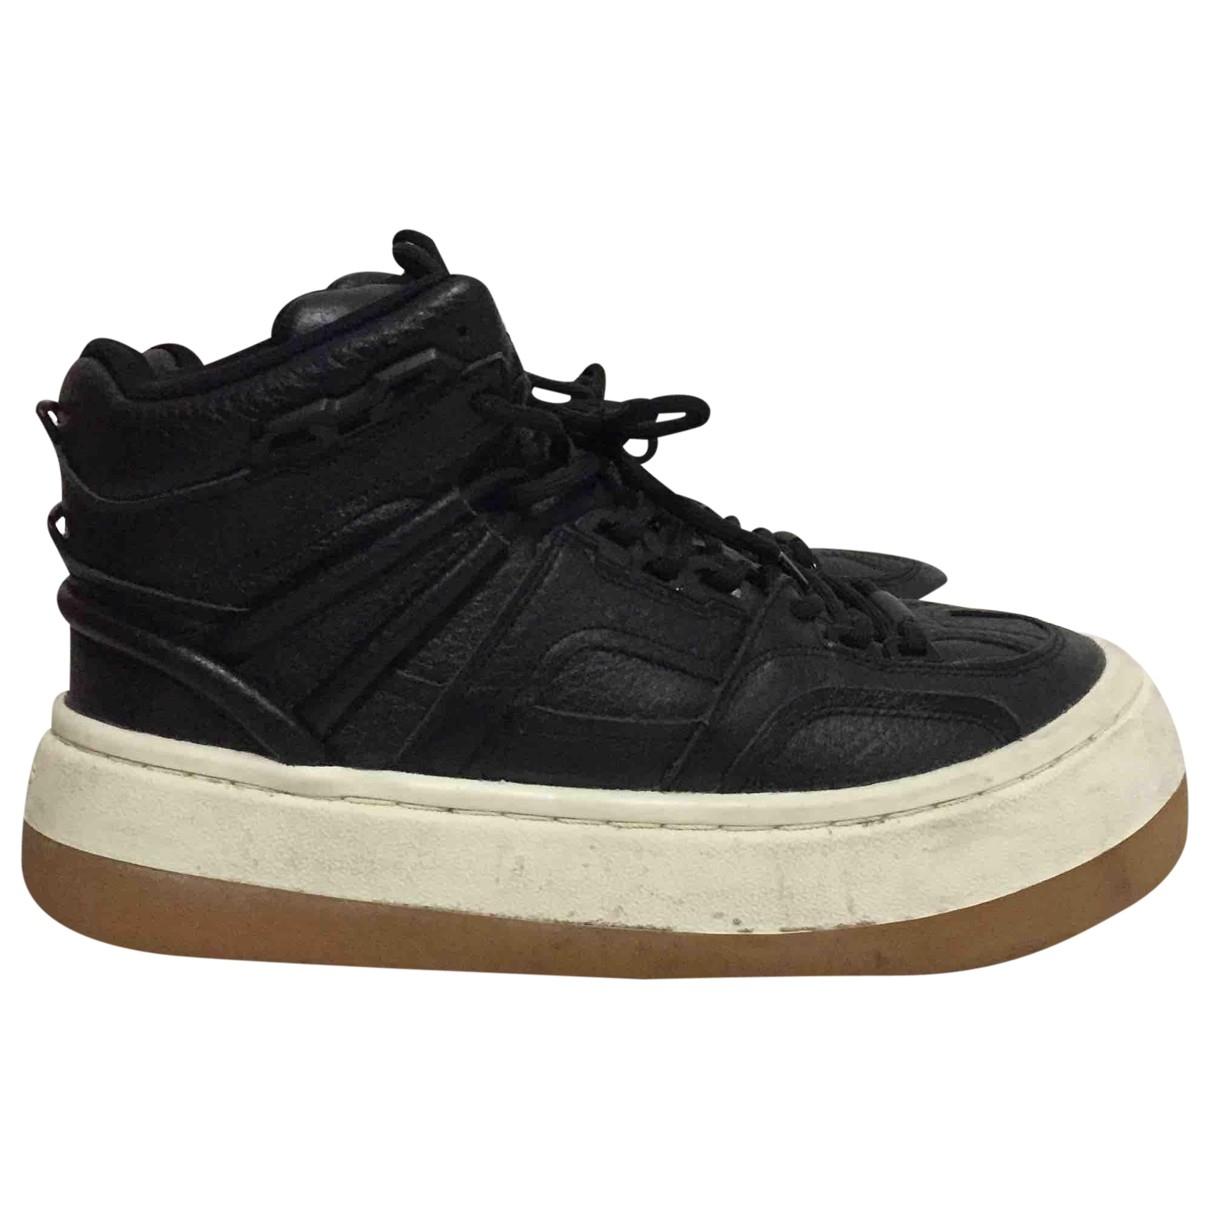 Eytys - Baskets   pour homme en cuir - noir